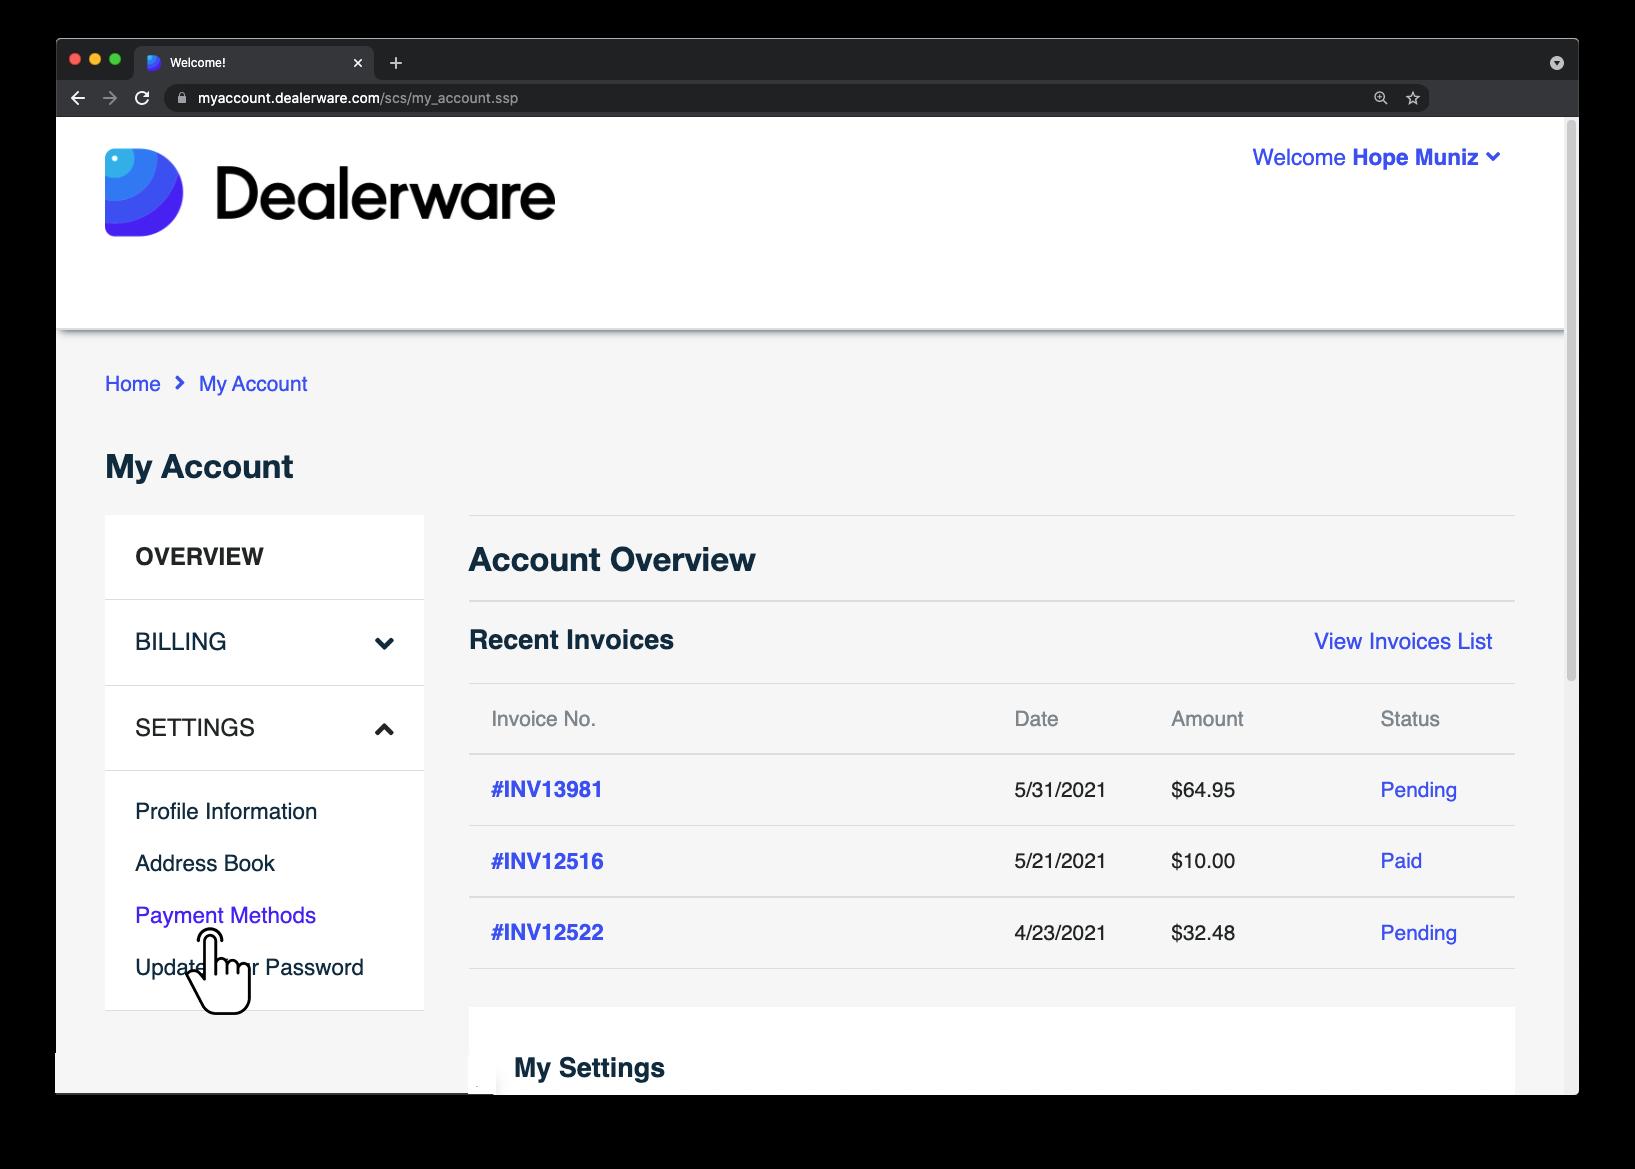 Image6: Écran MonCompte de Dealerware, icône de doigt positionnée sur l'option Méthodes de paiement sous l'option Paramètres dans le menu déroulant Aperçu